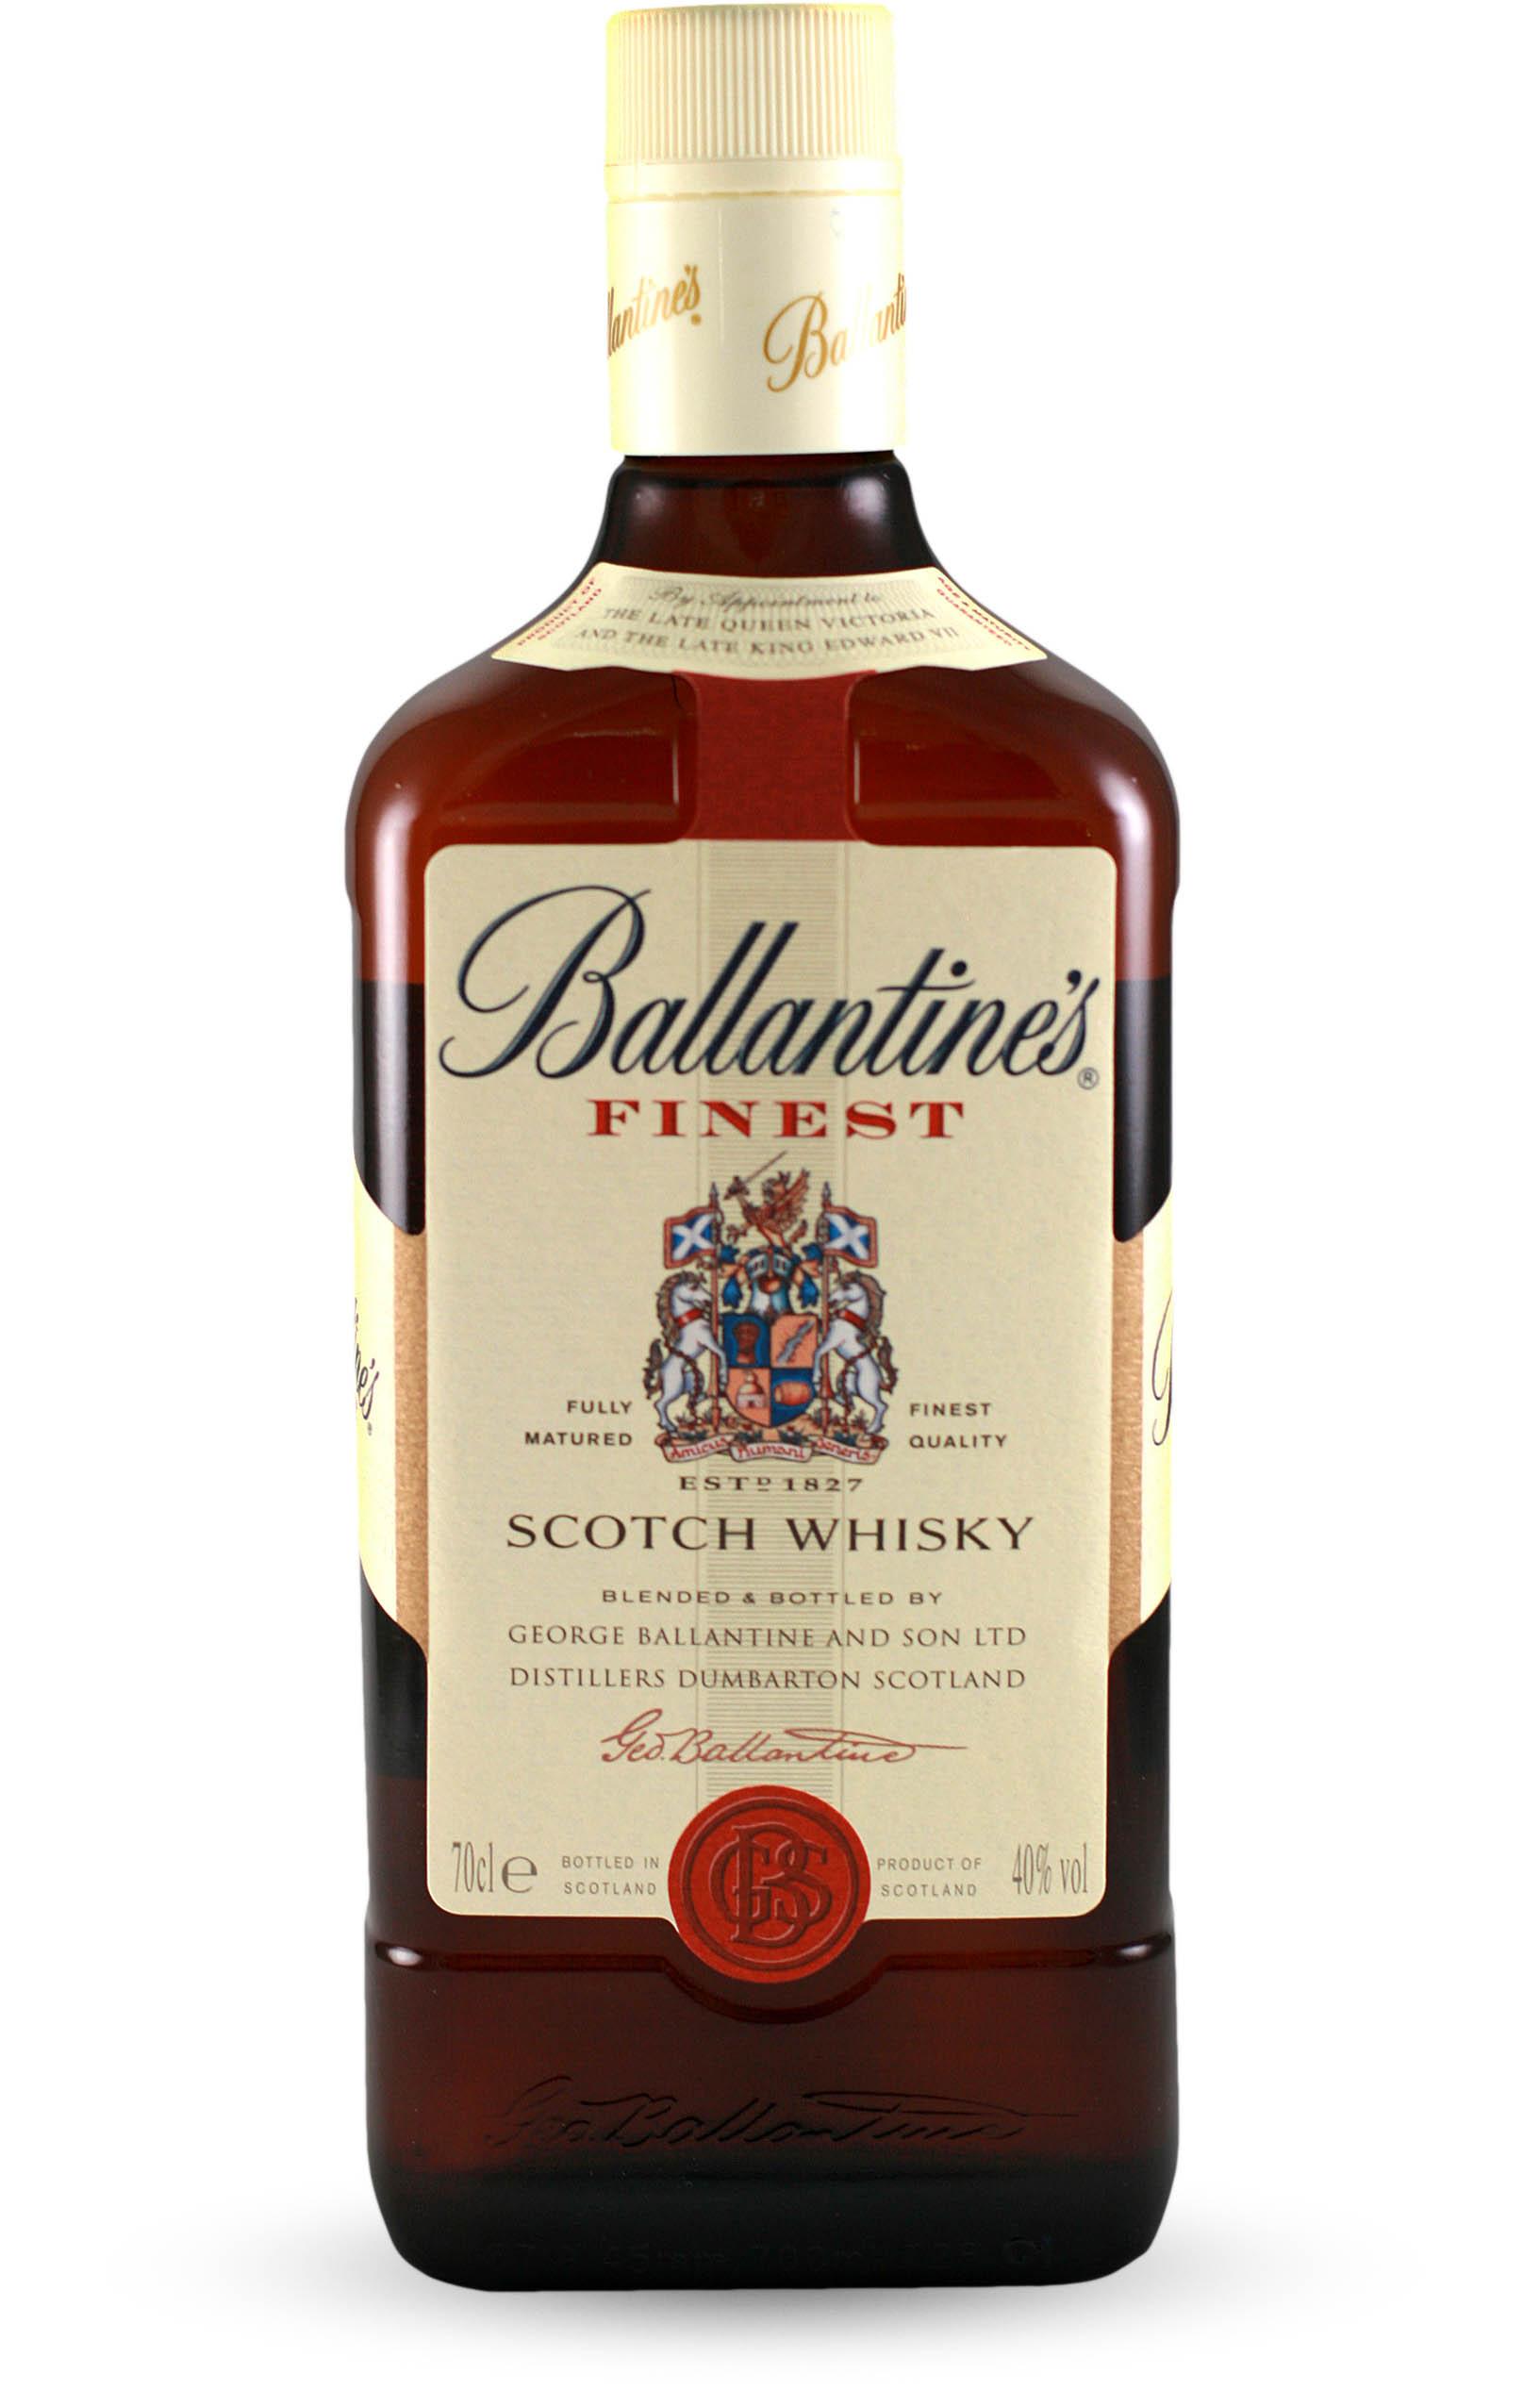 Ballantines 0.7L